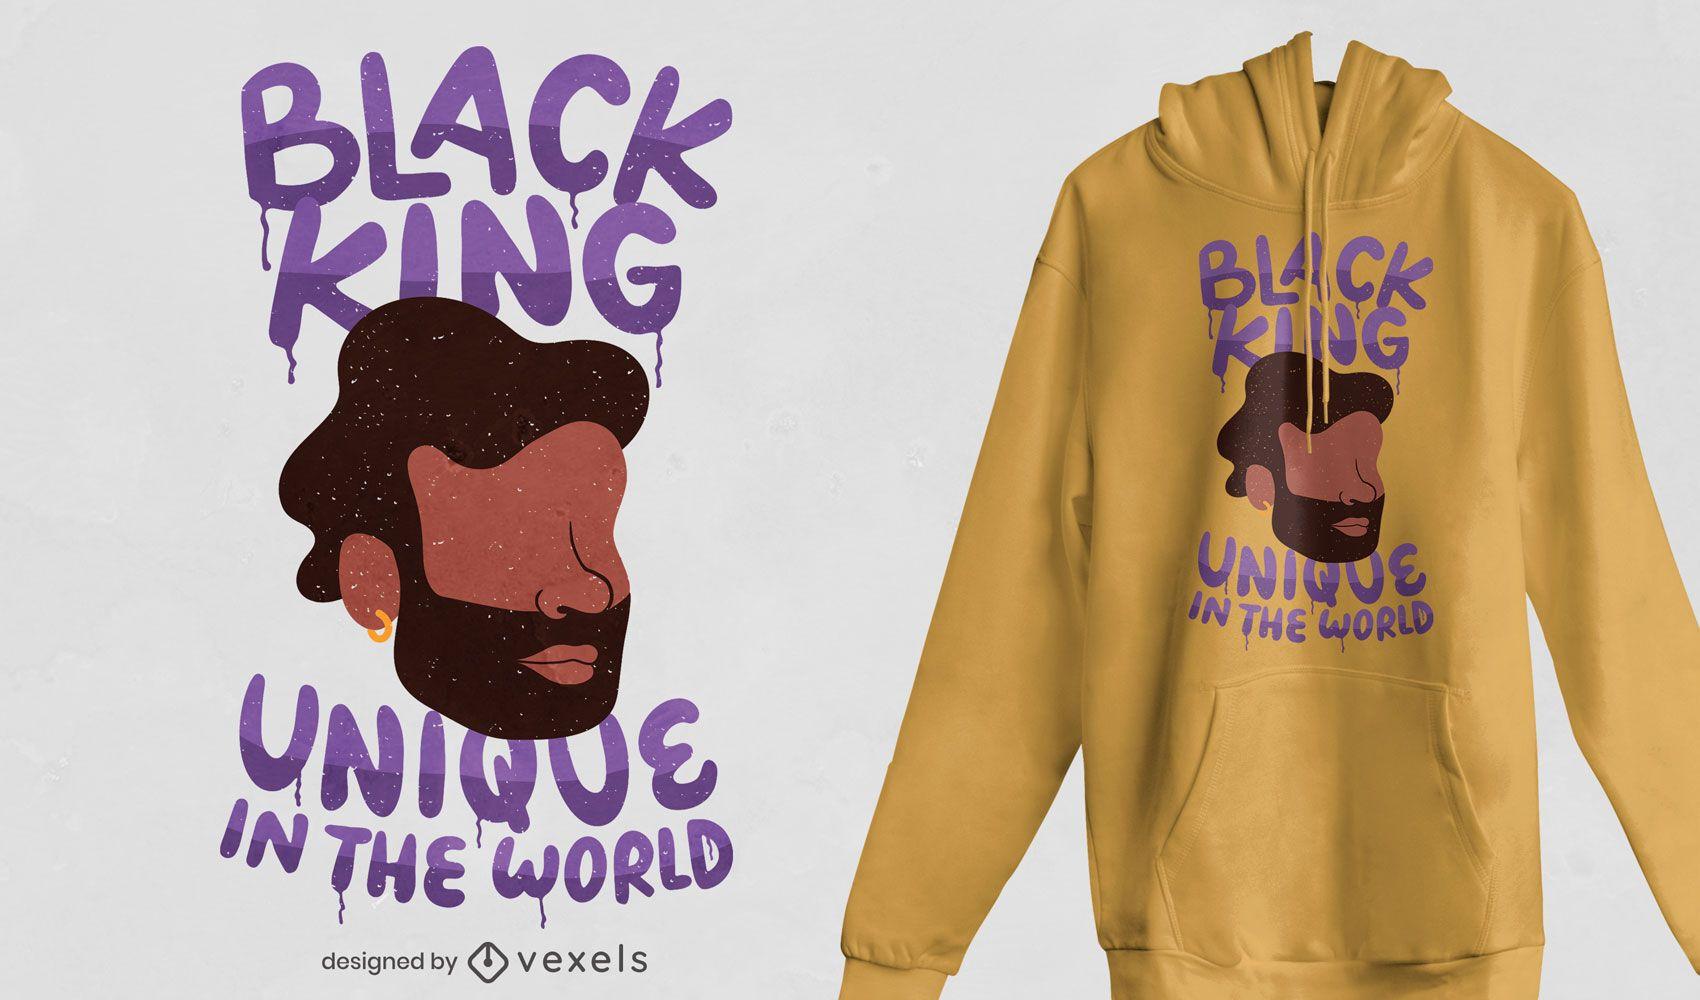 Unique black king t-shirt design